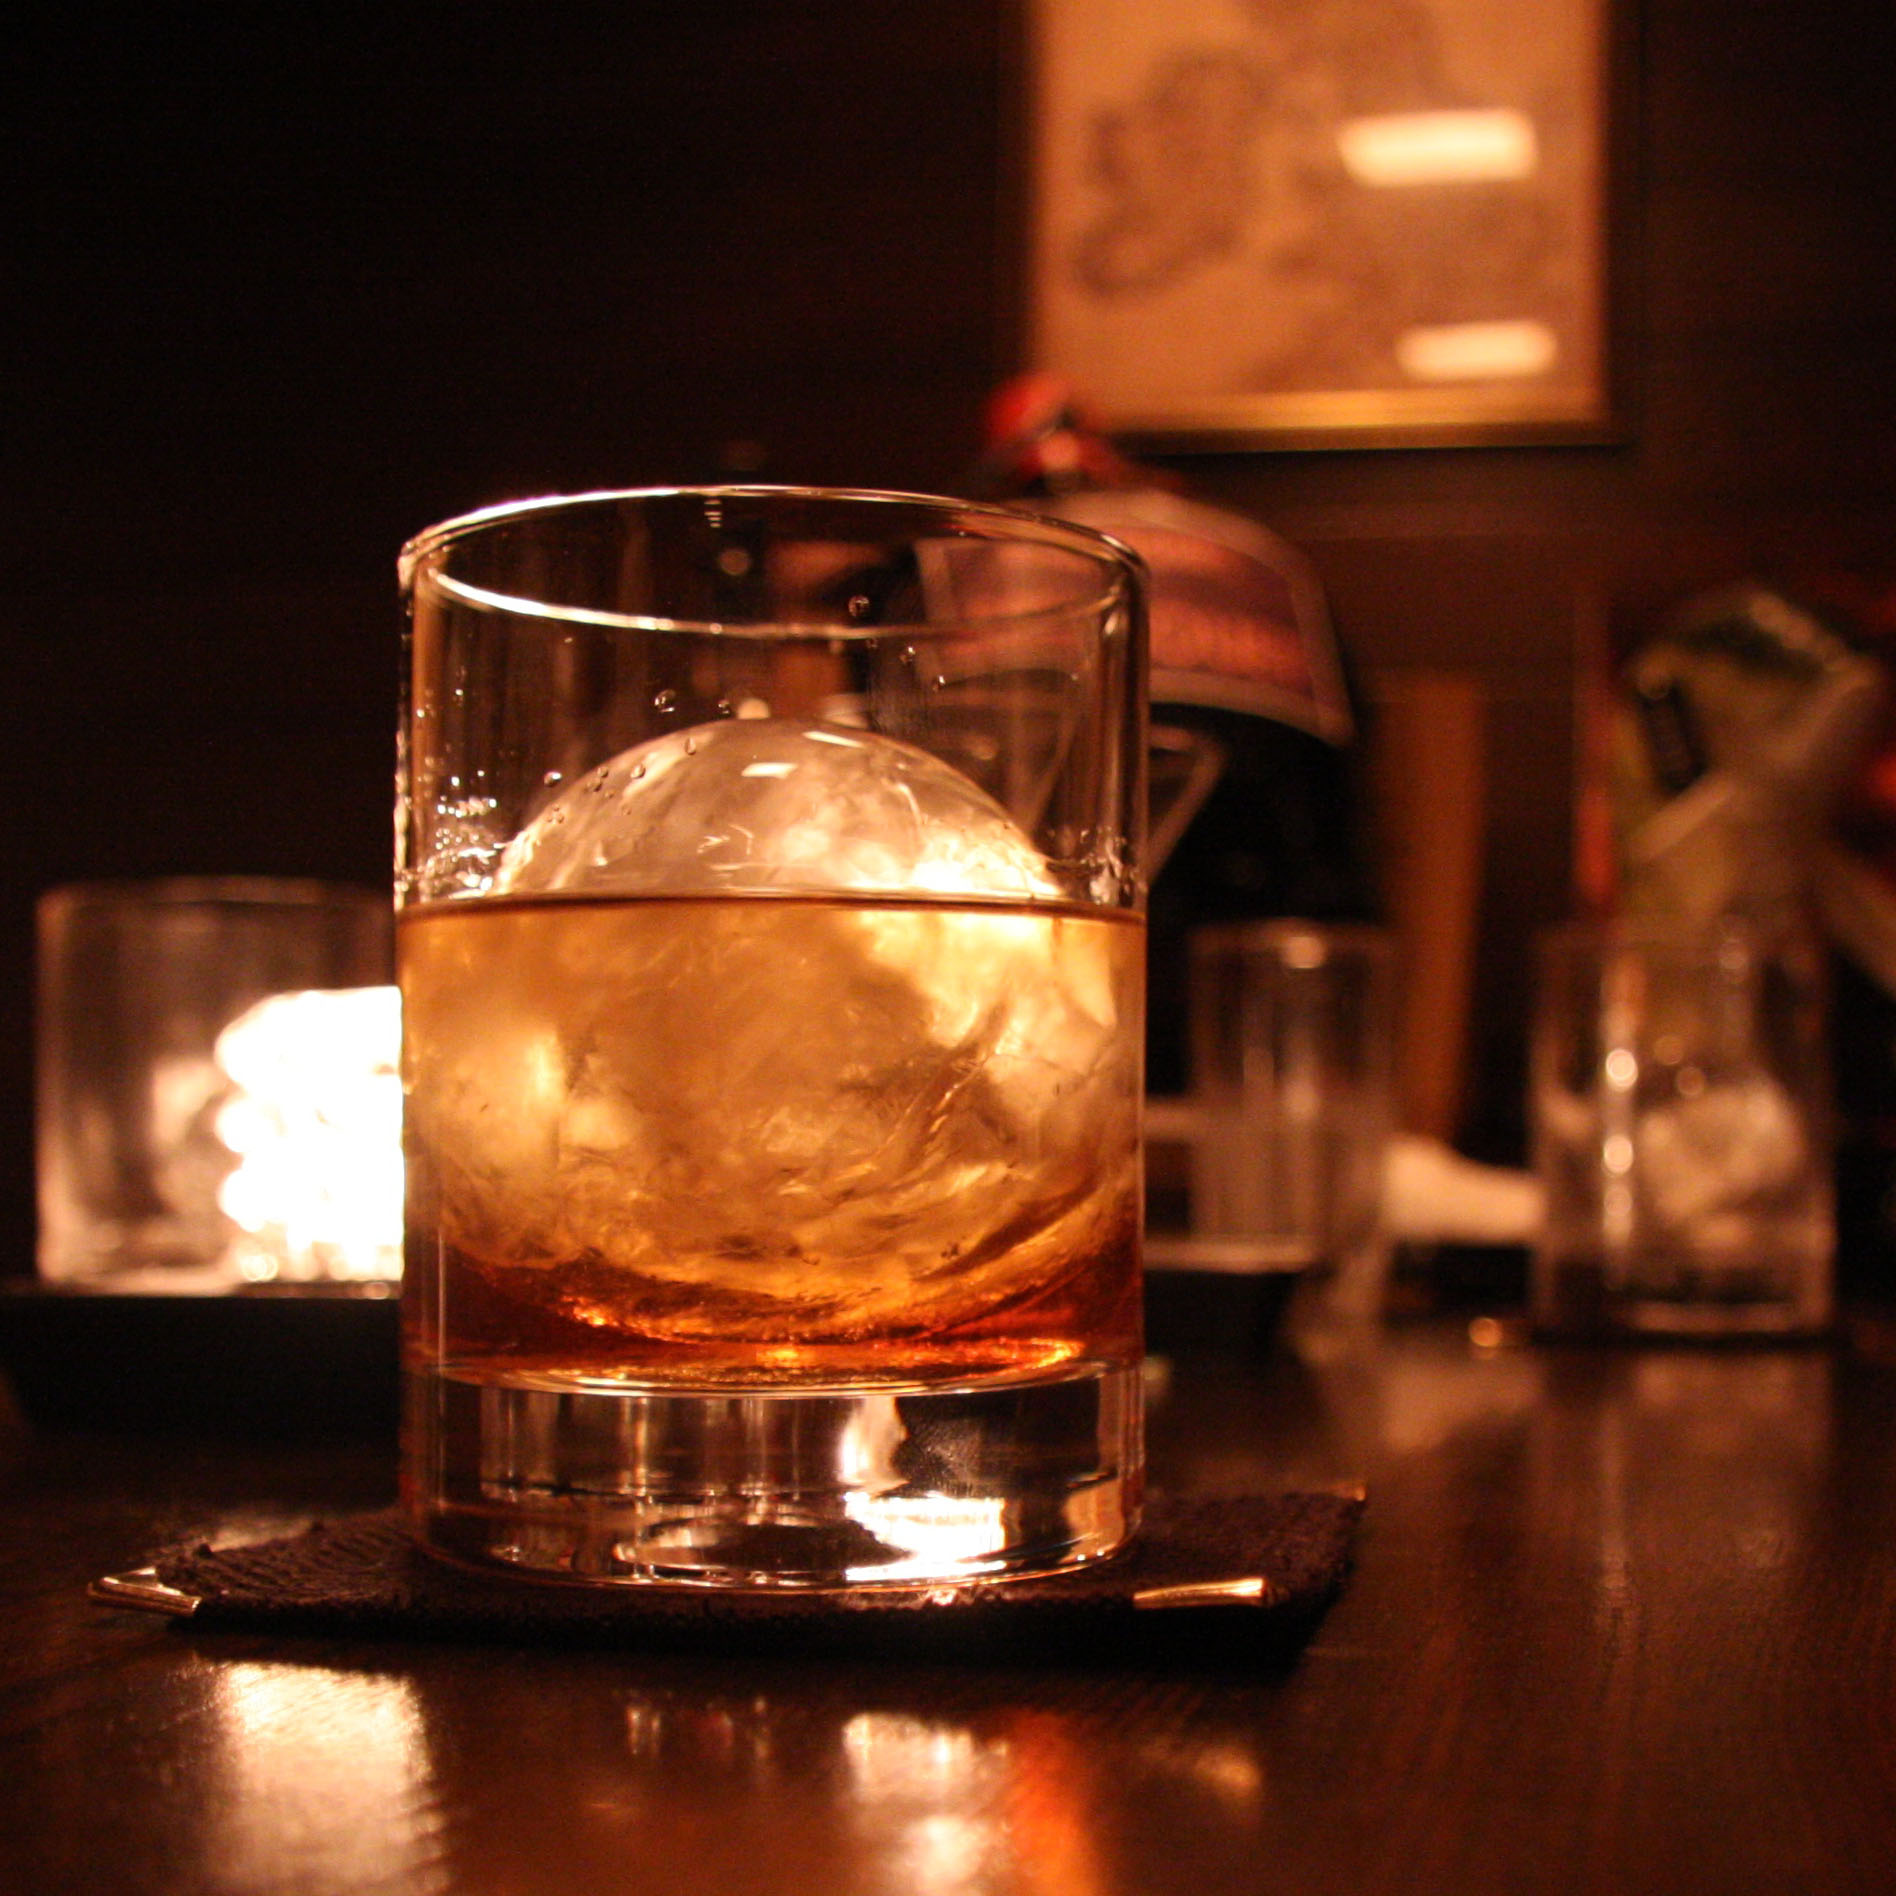 картинки виски в клубе еда